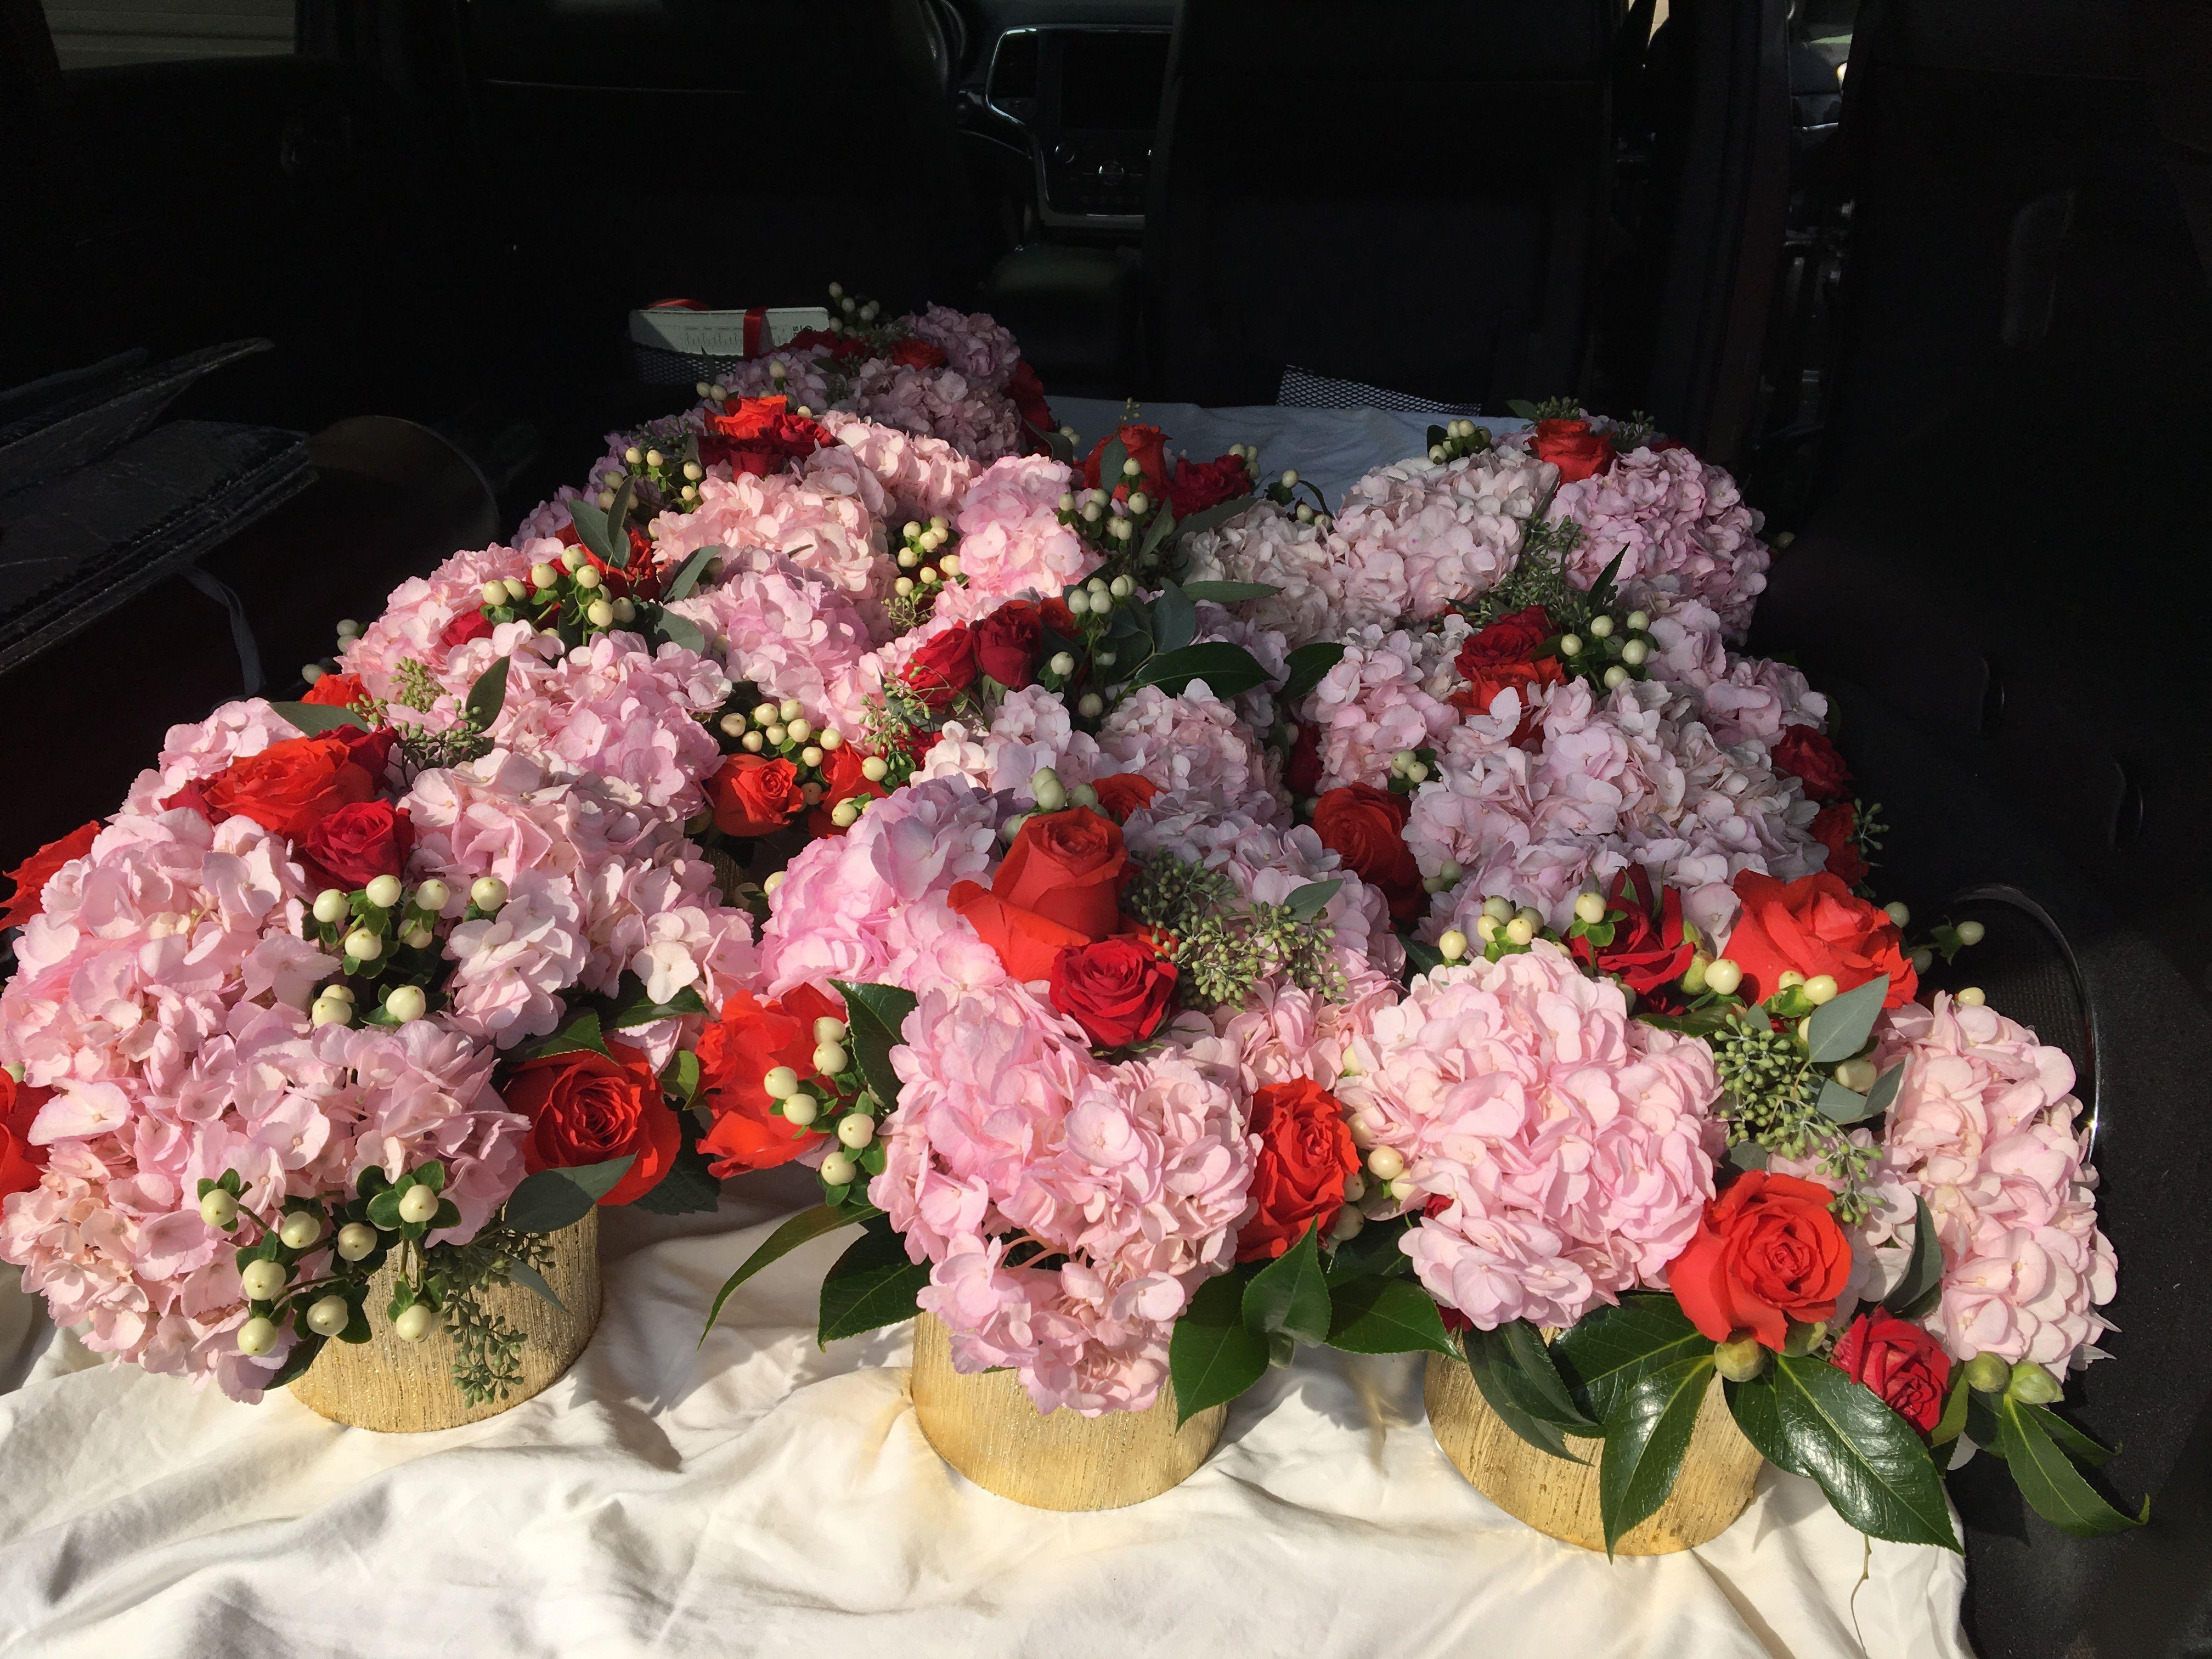 50th Birthday Party Flower Arrangement Centerpieces Pink And Red Flower Arrangements Center Pieces Flower Arrangements Floral Design